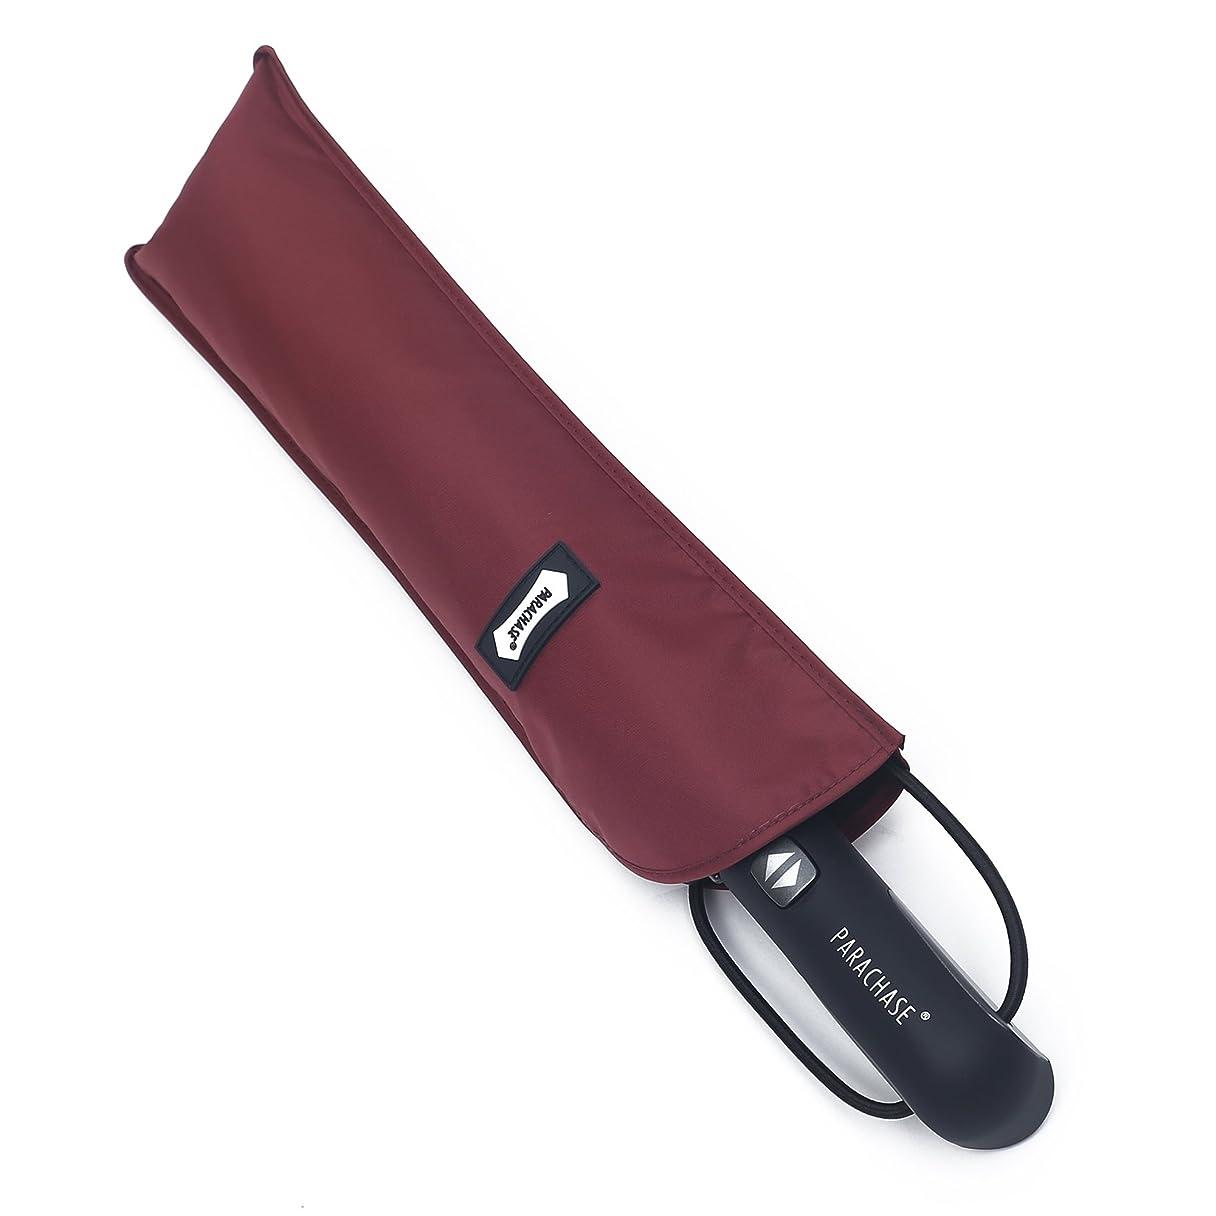 活性化する魂雇用者PARACHASE 折りたたみ傘 自動開閉 折り畳み傘 大きい 傘 超大型 耐風 ワンタッチ メンズ 撥水 グラスファイバー おしゃれ 8本骨 70cm 二人用可能 直径122cm 日本国内品質保証 レッド